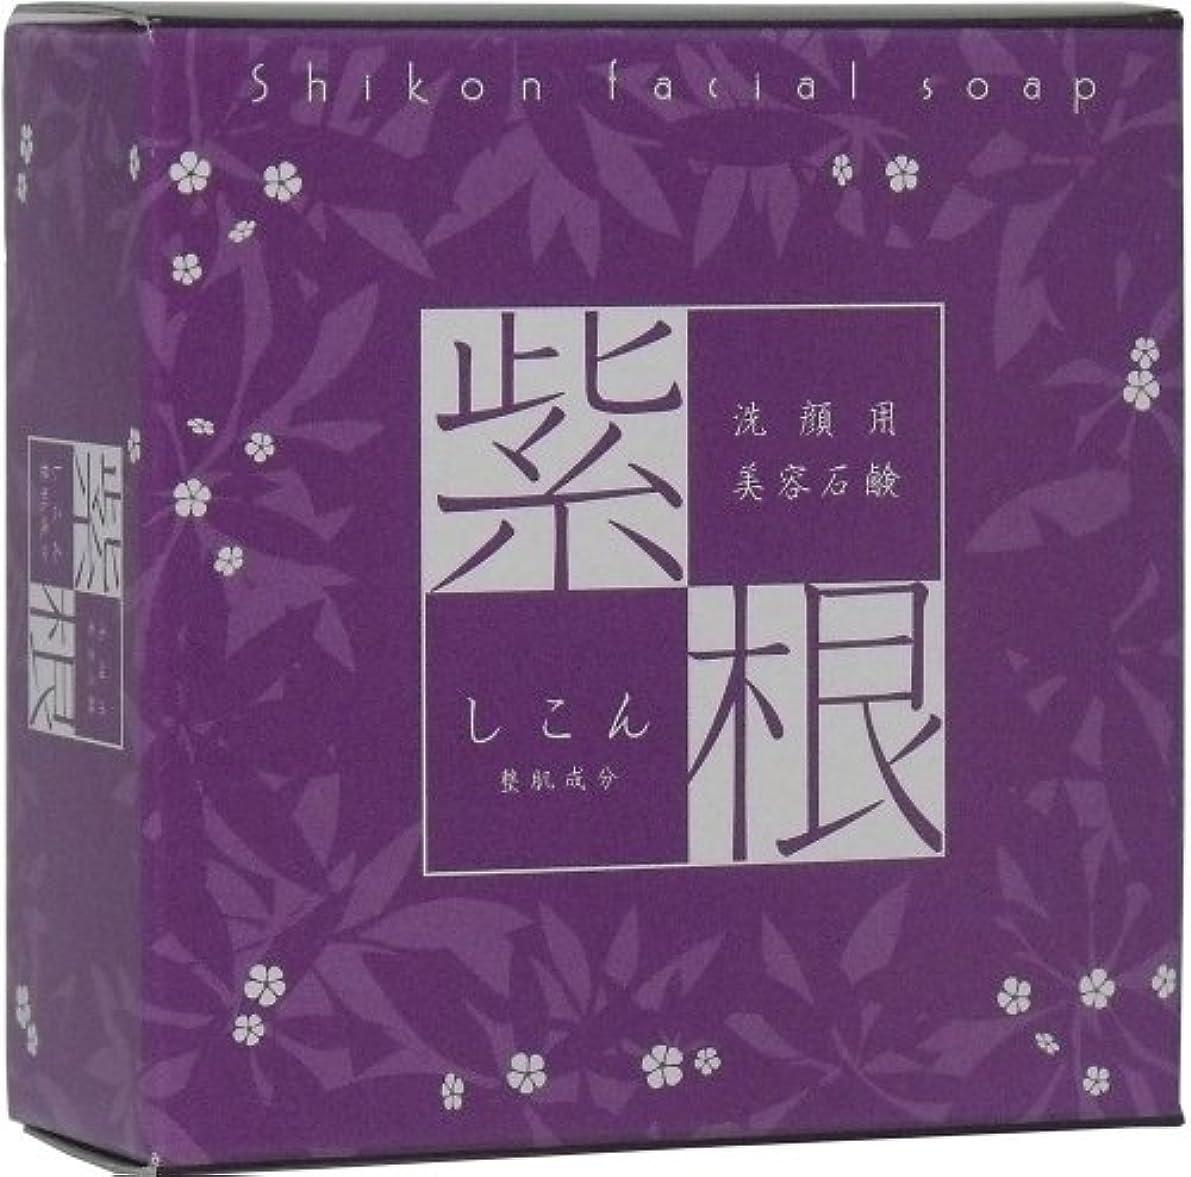 壁紙仕事便益洗顔用 紫根石けん (泡立てネット付き) 100g ×5個セット